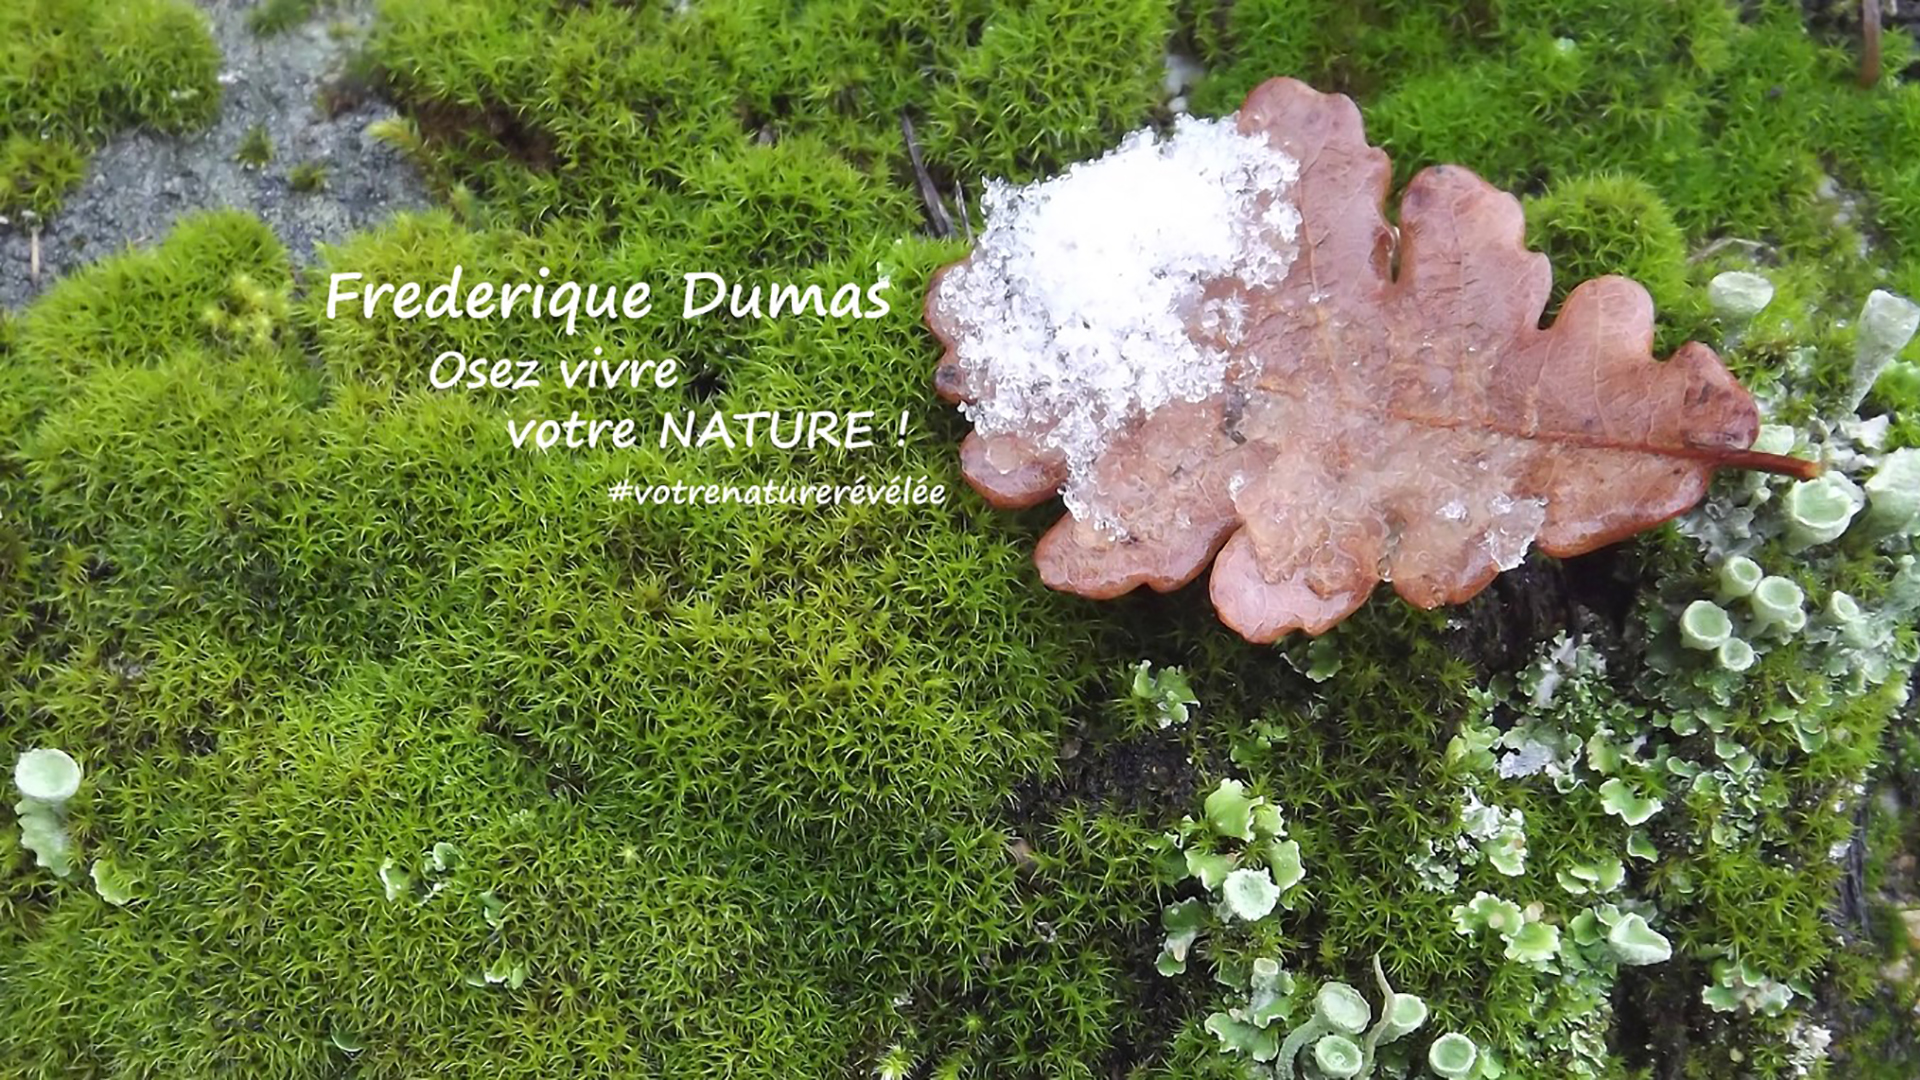 metiers et reconversions professionnelles Nature - Jardins japonais thérapeutiques - Forêt-thérapie© - Shinrin yoku - Niwathérapie© - Frederique Dumas www.frederique-dumas-landscape.com www.frederique-dumas.com